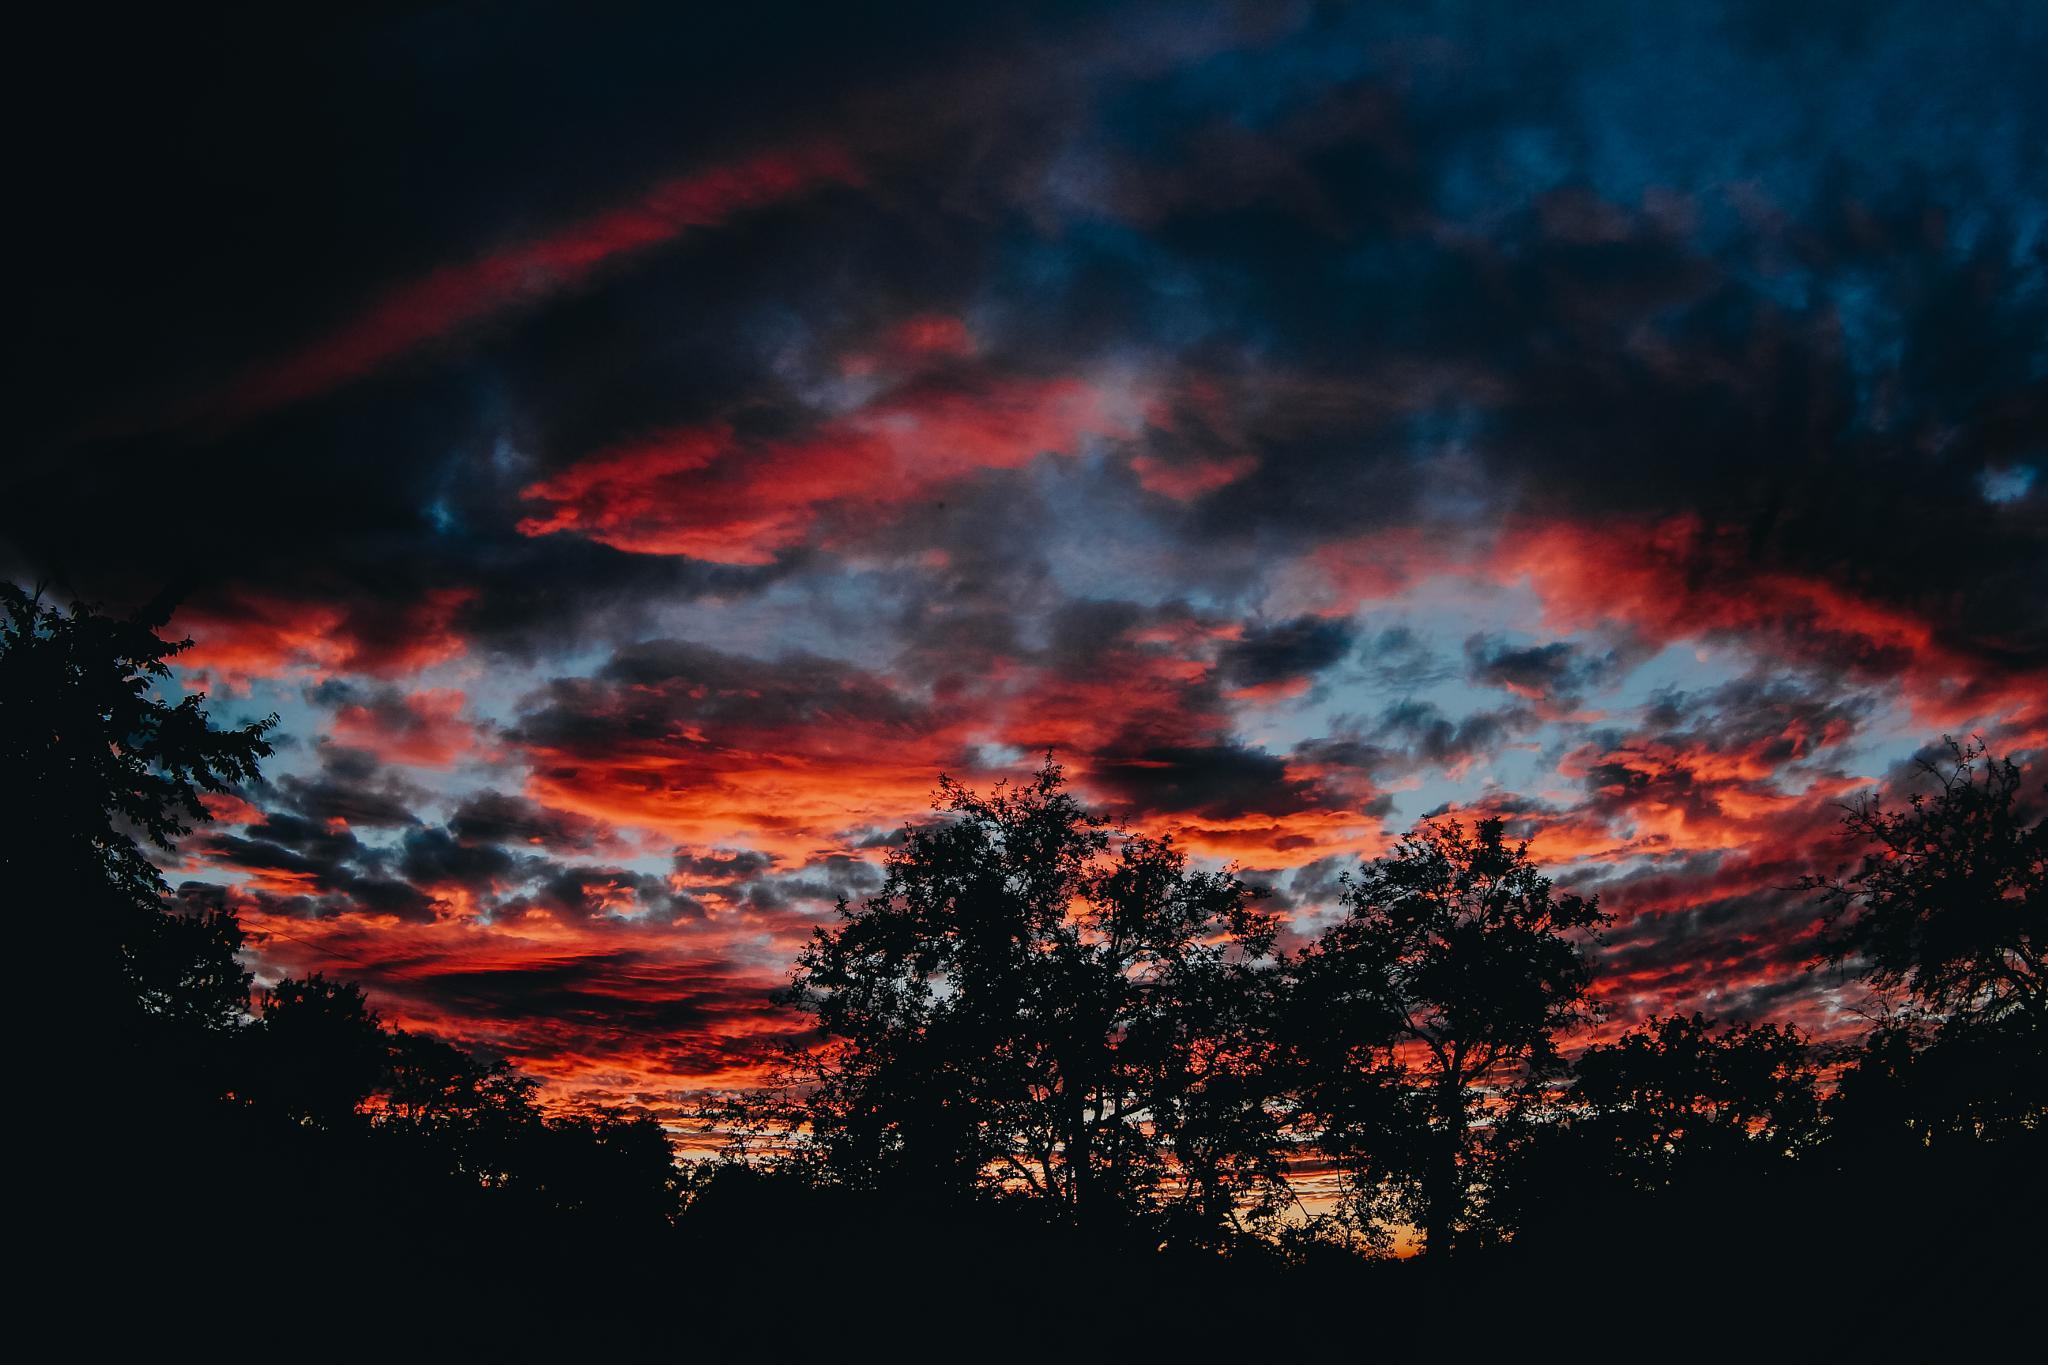 sky by Roma Sambur